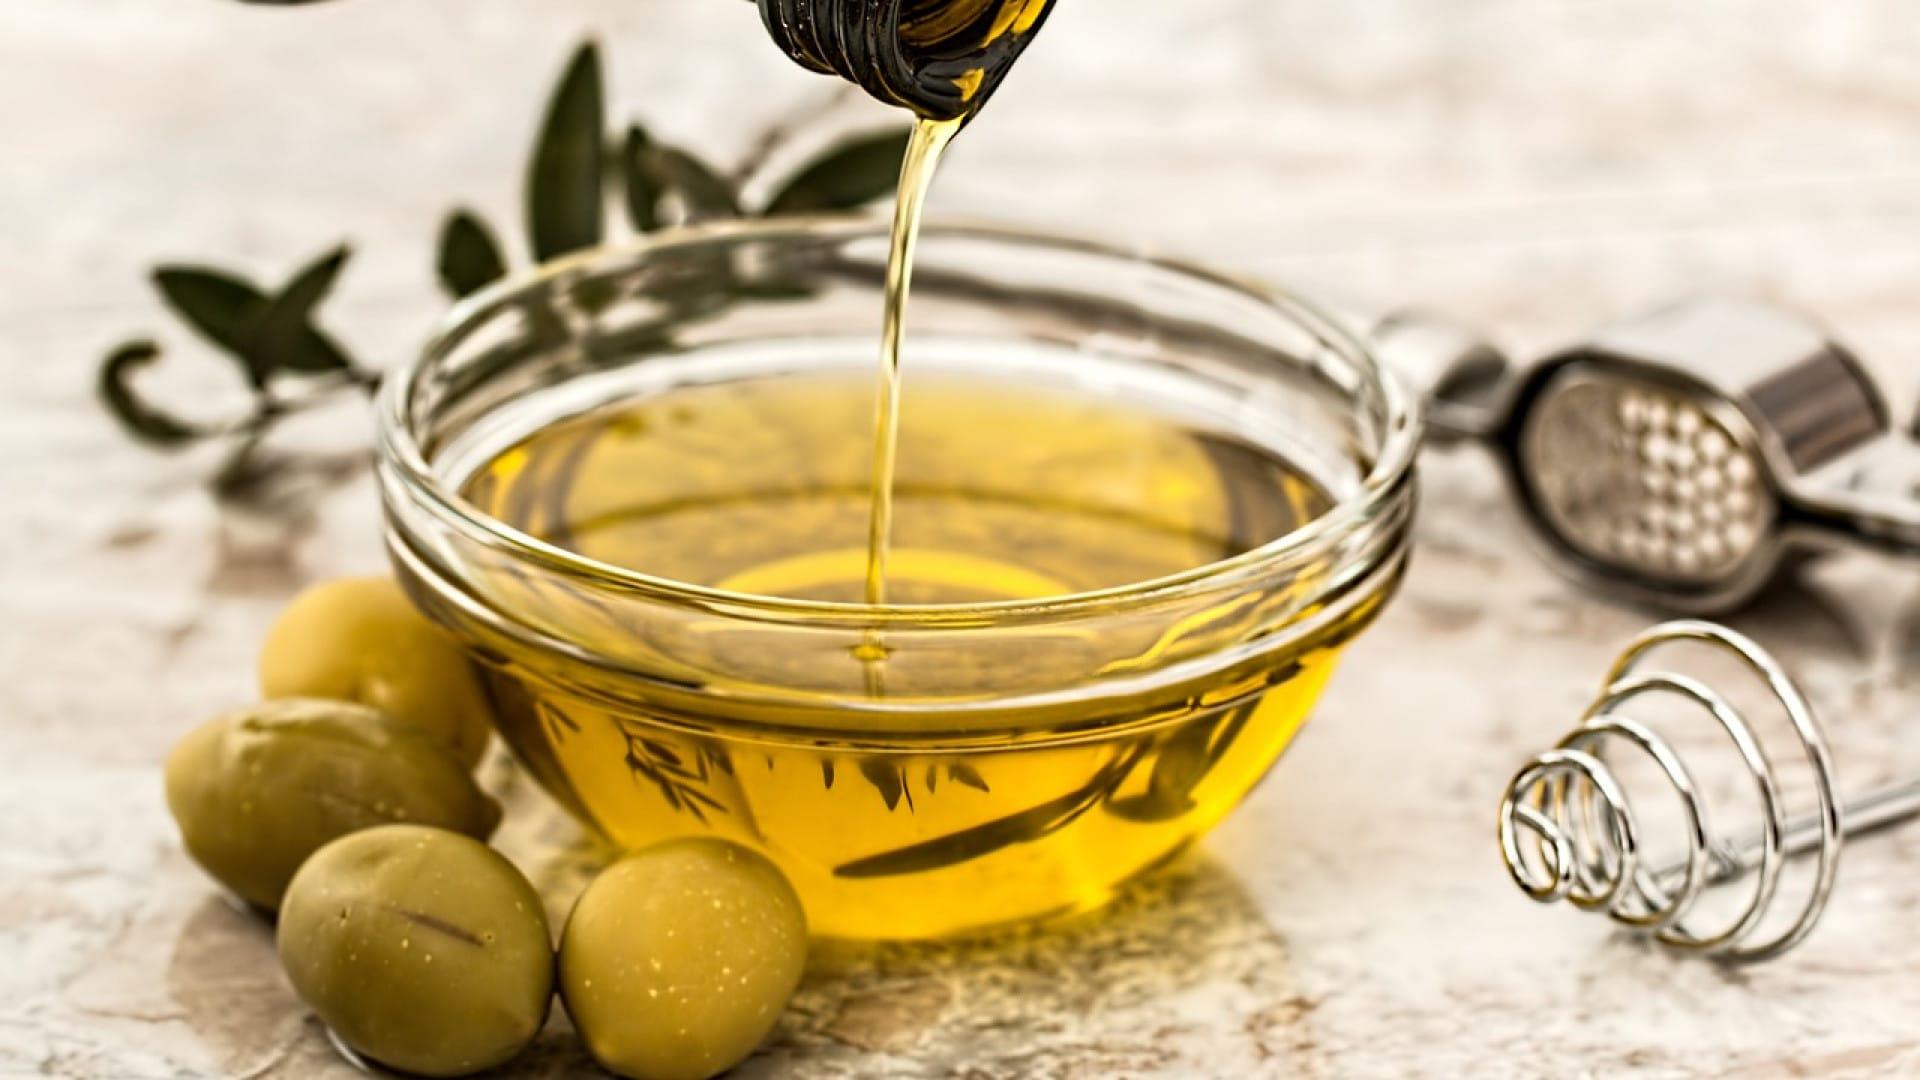 En savoir plus sur l'huile d'olive artisanale